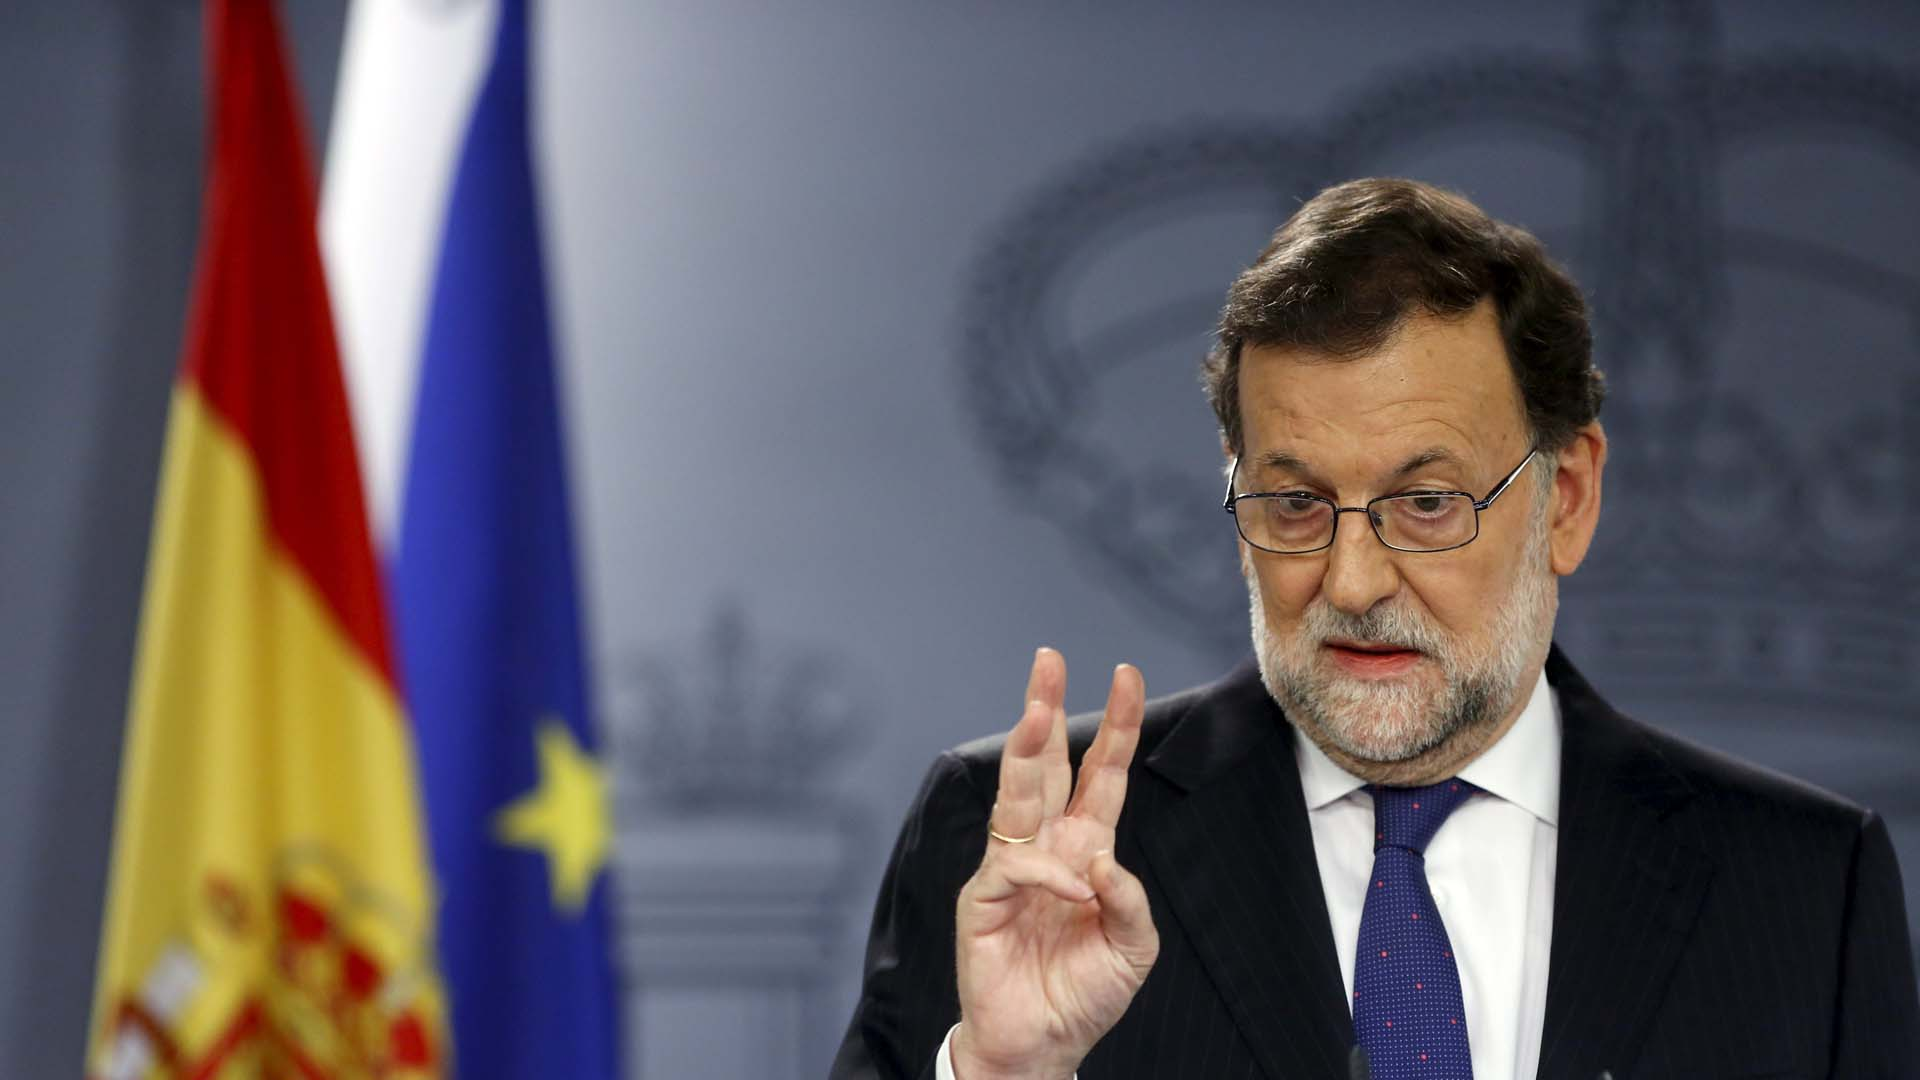 Mariano Rajoy aseguró que lo Exterior solo compete al estado español por ello ha llevado el caso al Tribunal Constitucional